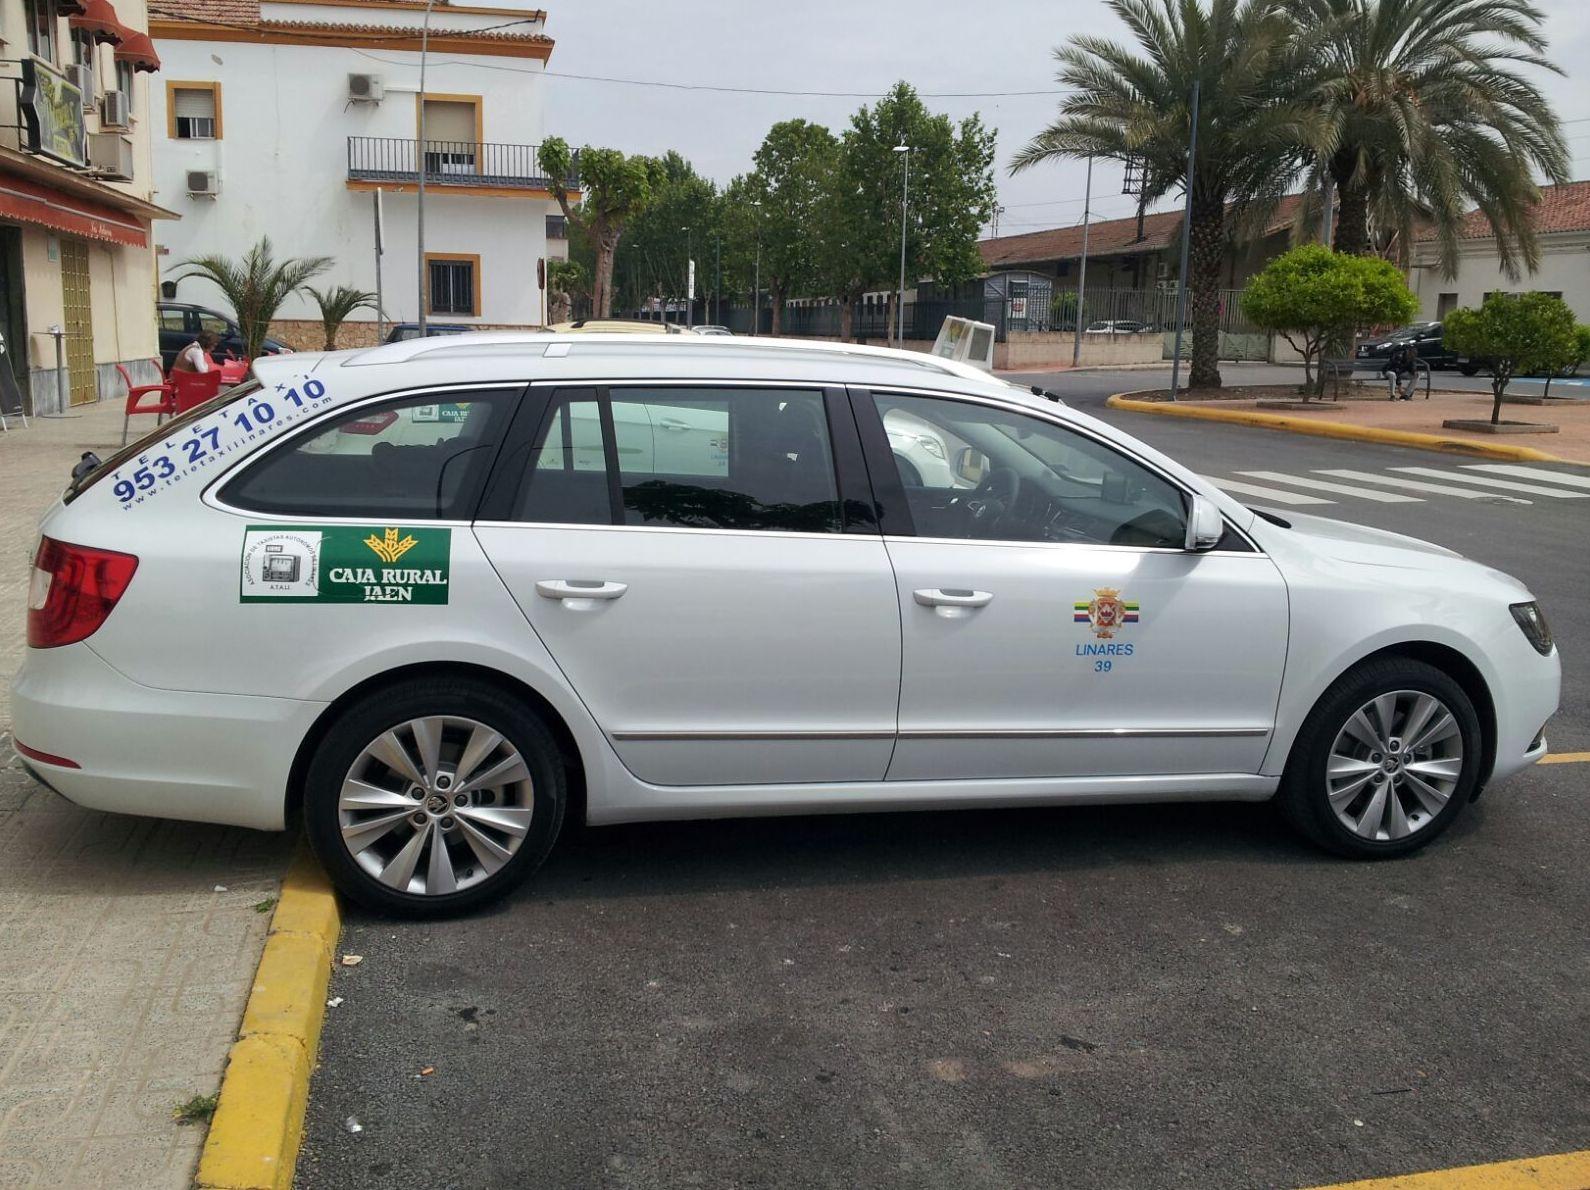 Taxi con gran capacidad de carga en Linares